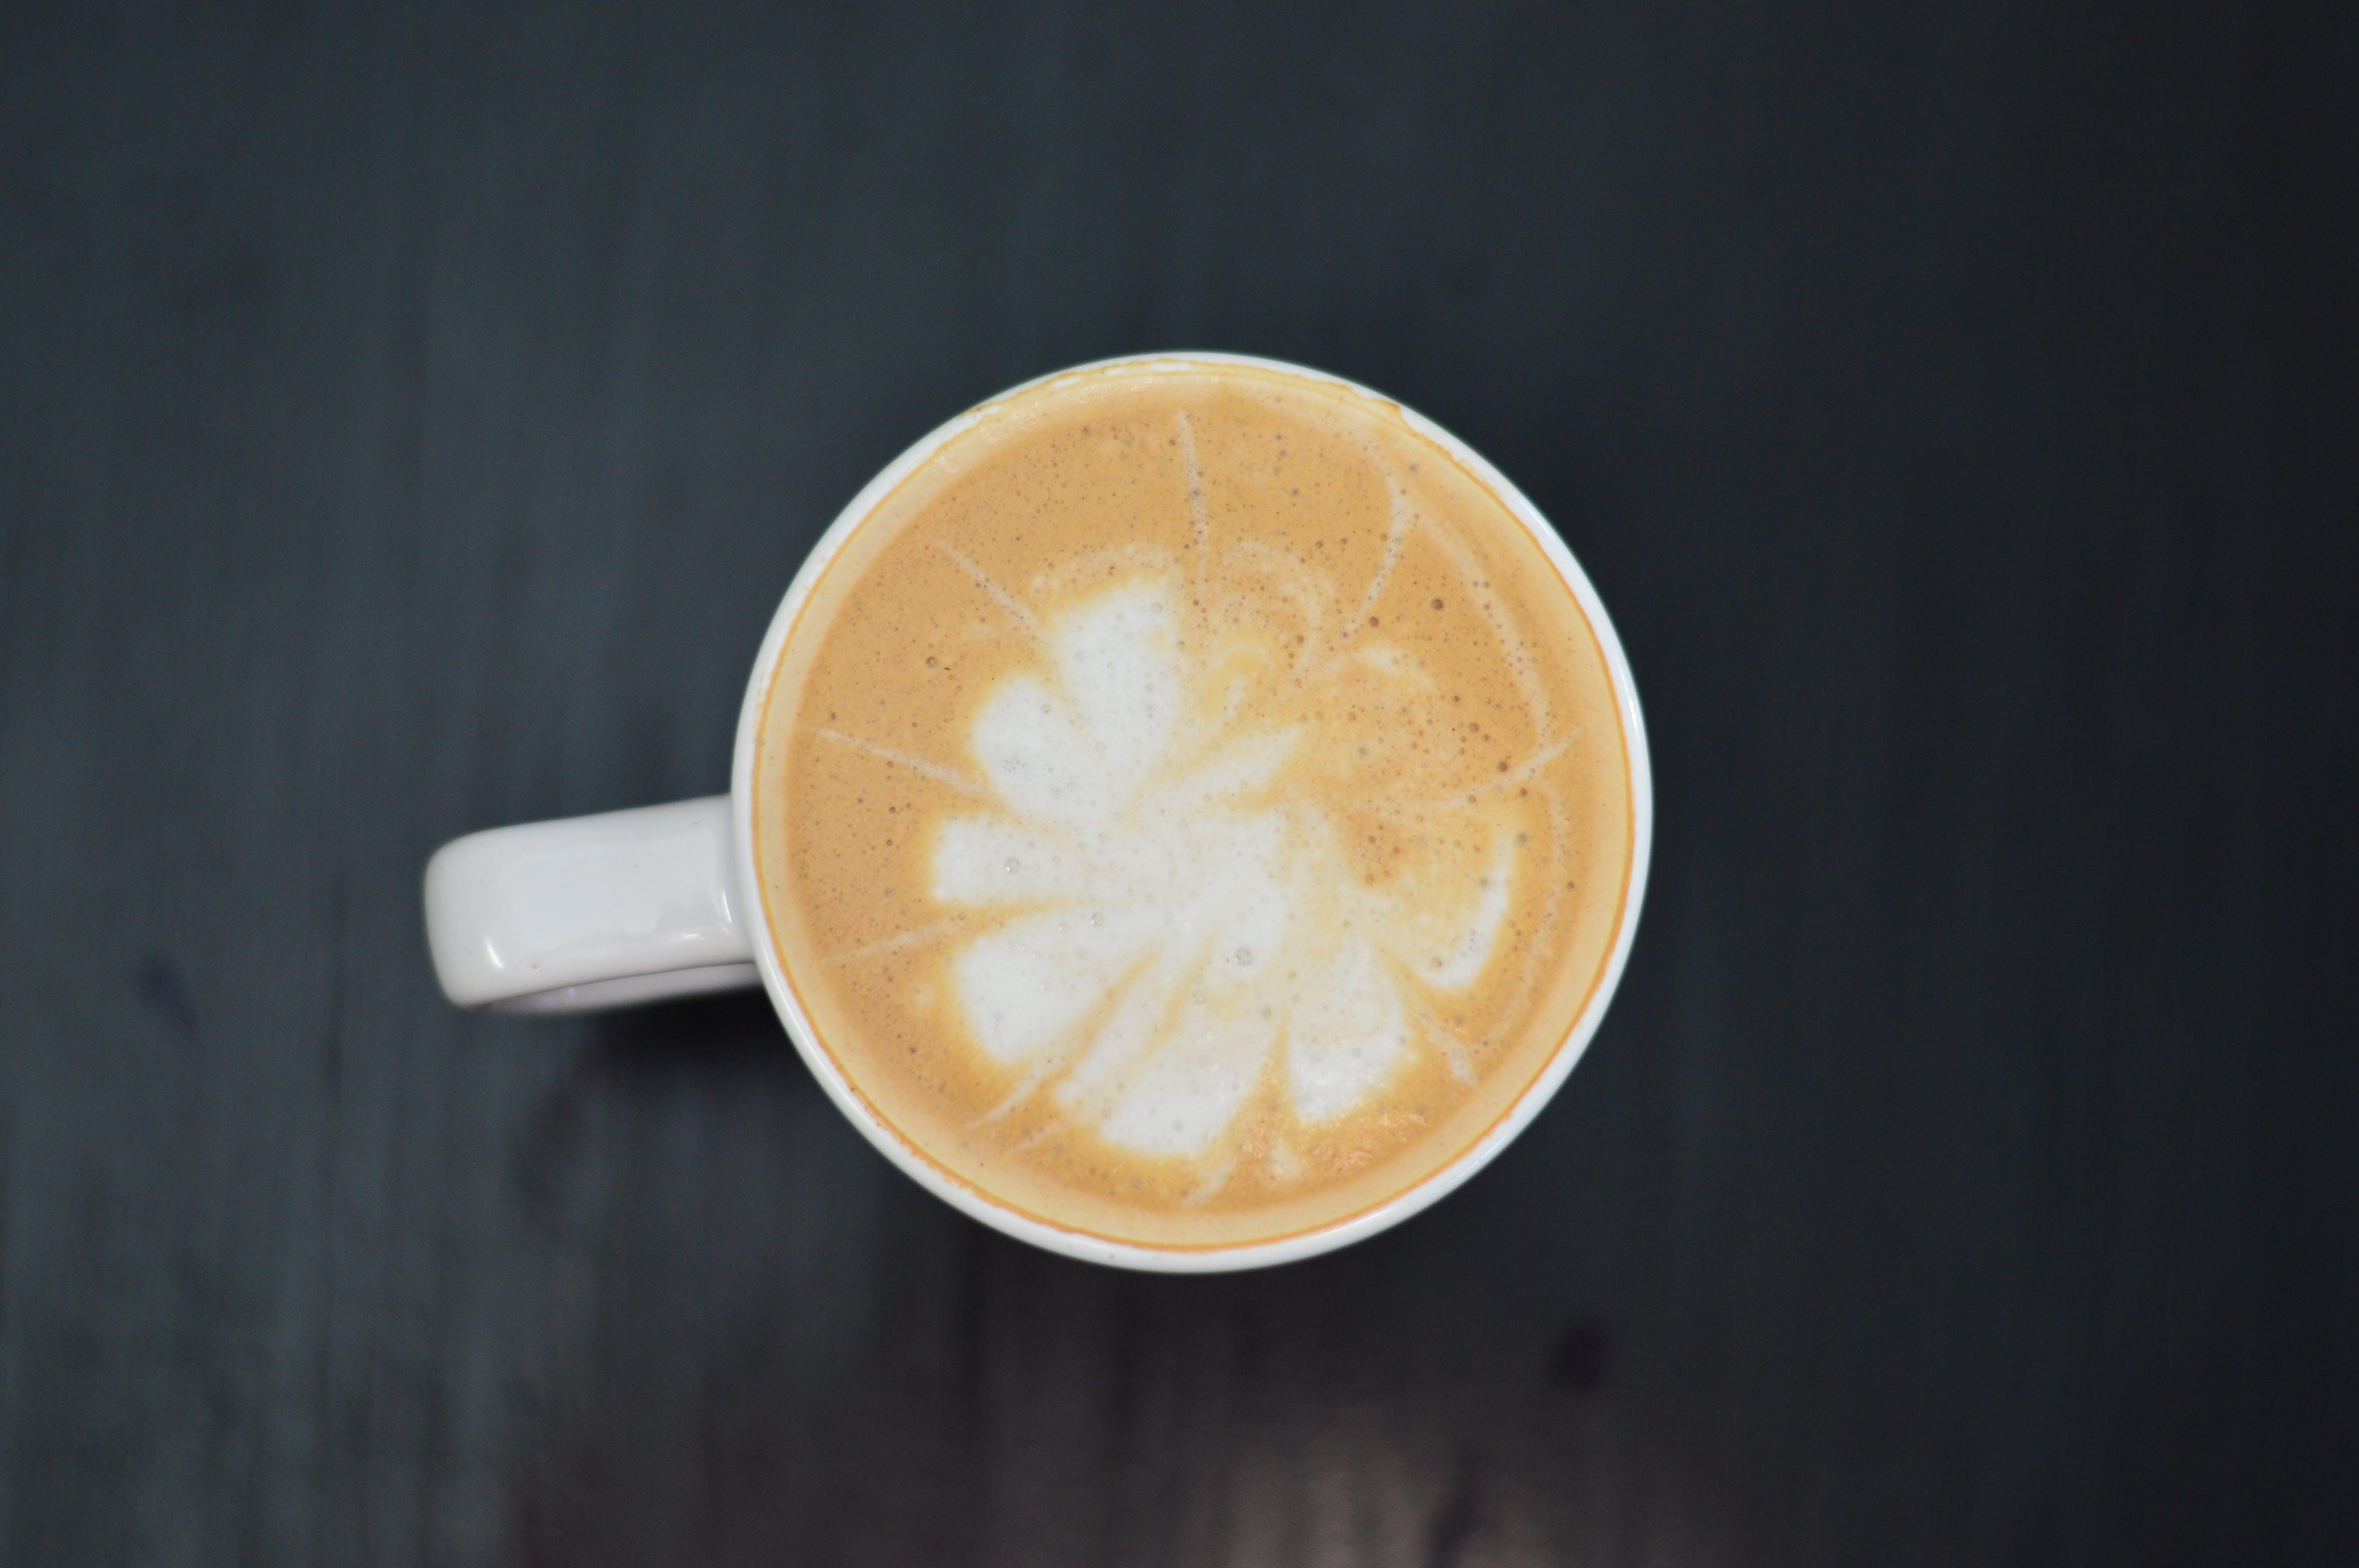 คลังภาพถ่ายฟรี ของ กาแฟ, กาแฟในถ้วย, ของว่าง, คาปูชิโน่